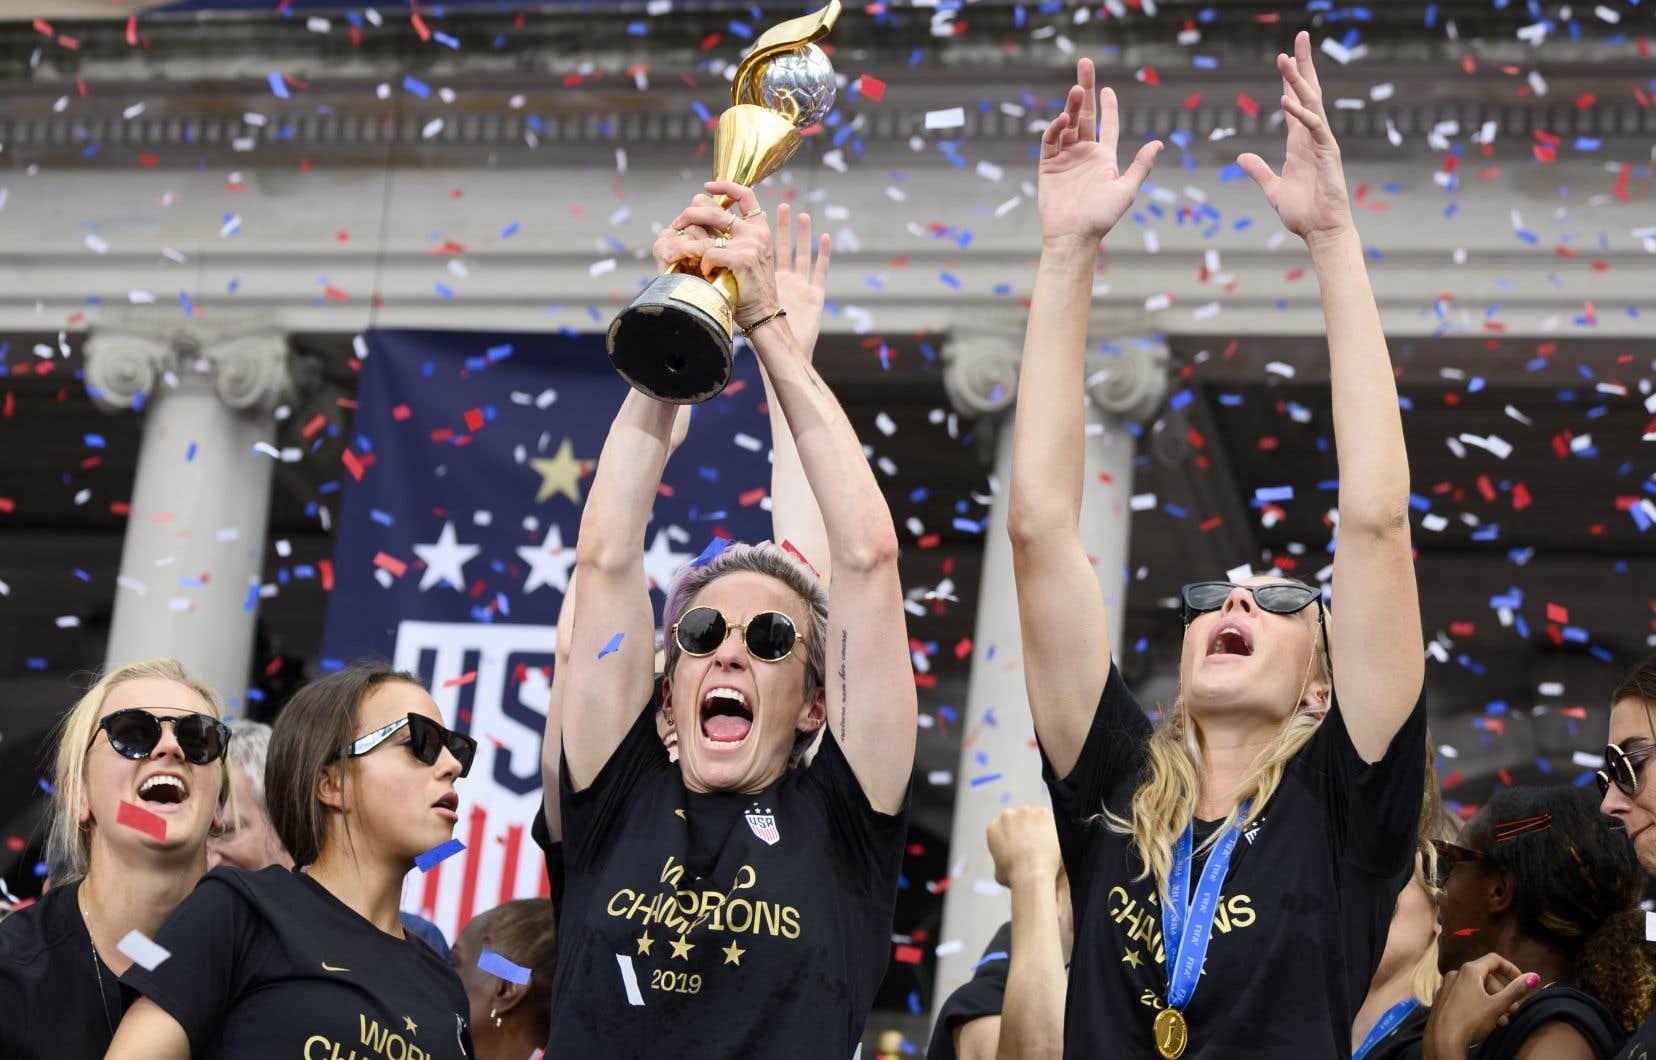 La joueuse de soccer américaine Megan Rapinoe (centre) et d'autres membres de l'équipe célèbrent avec leur trophée devant l'hôtel de ville de New York le 10 juillet 2019.